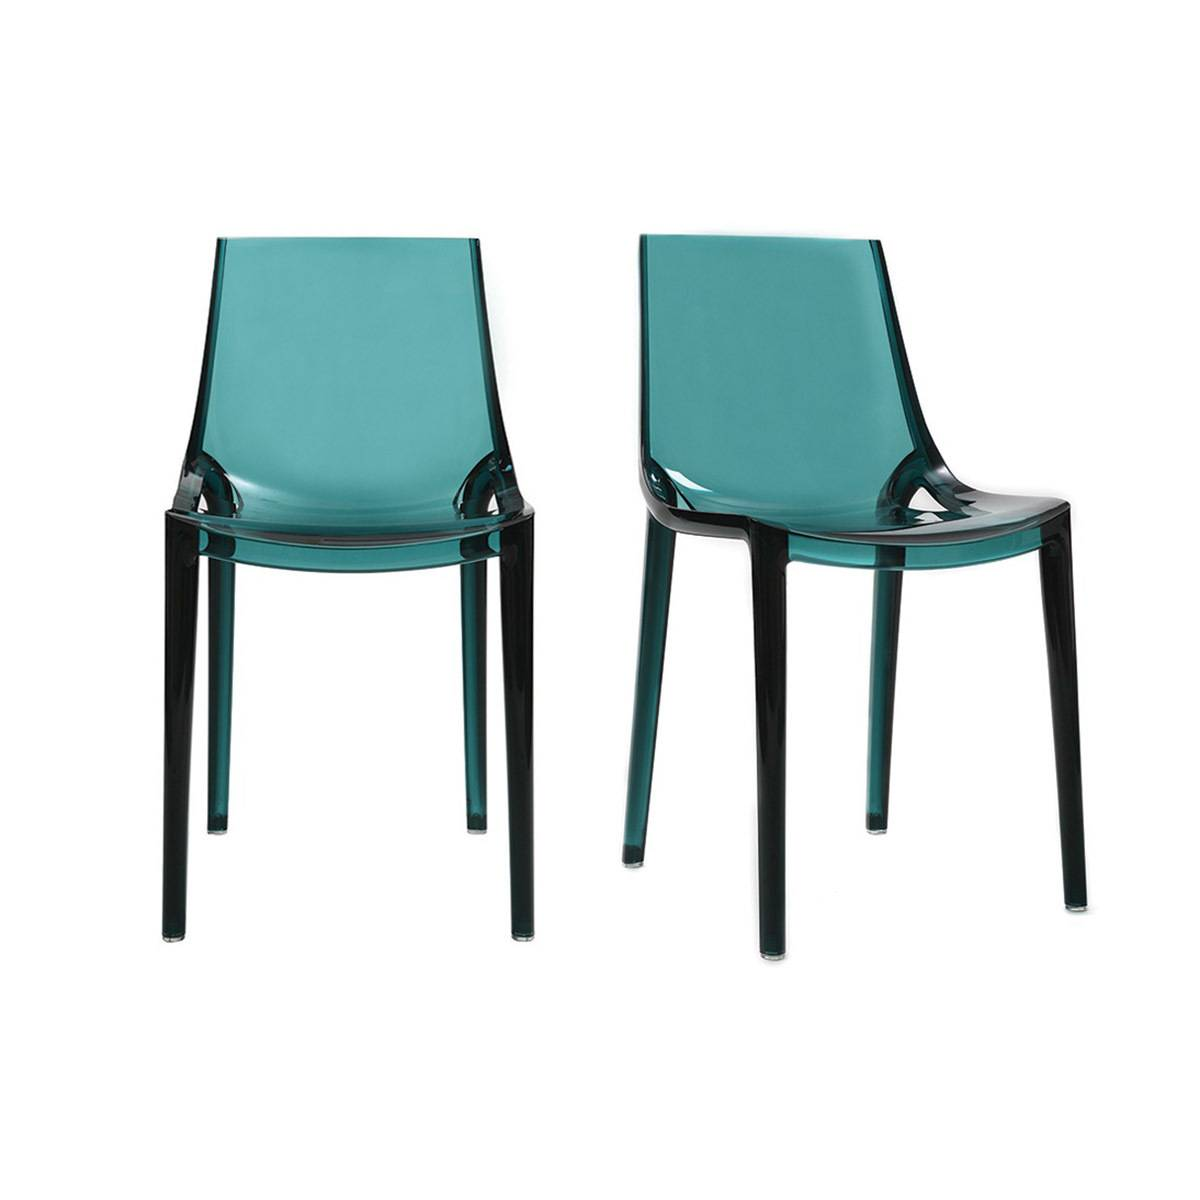 Miliboo Chaises design bleu pétrole empilables intérieur / extérieur (lot de 2) YZEL